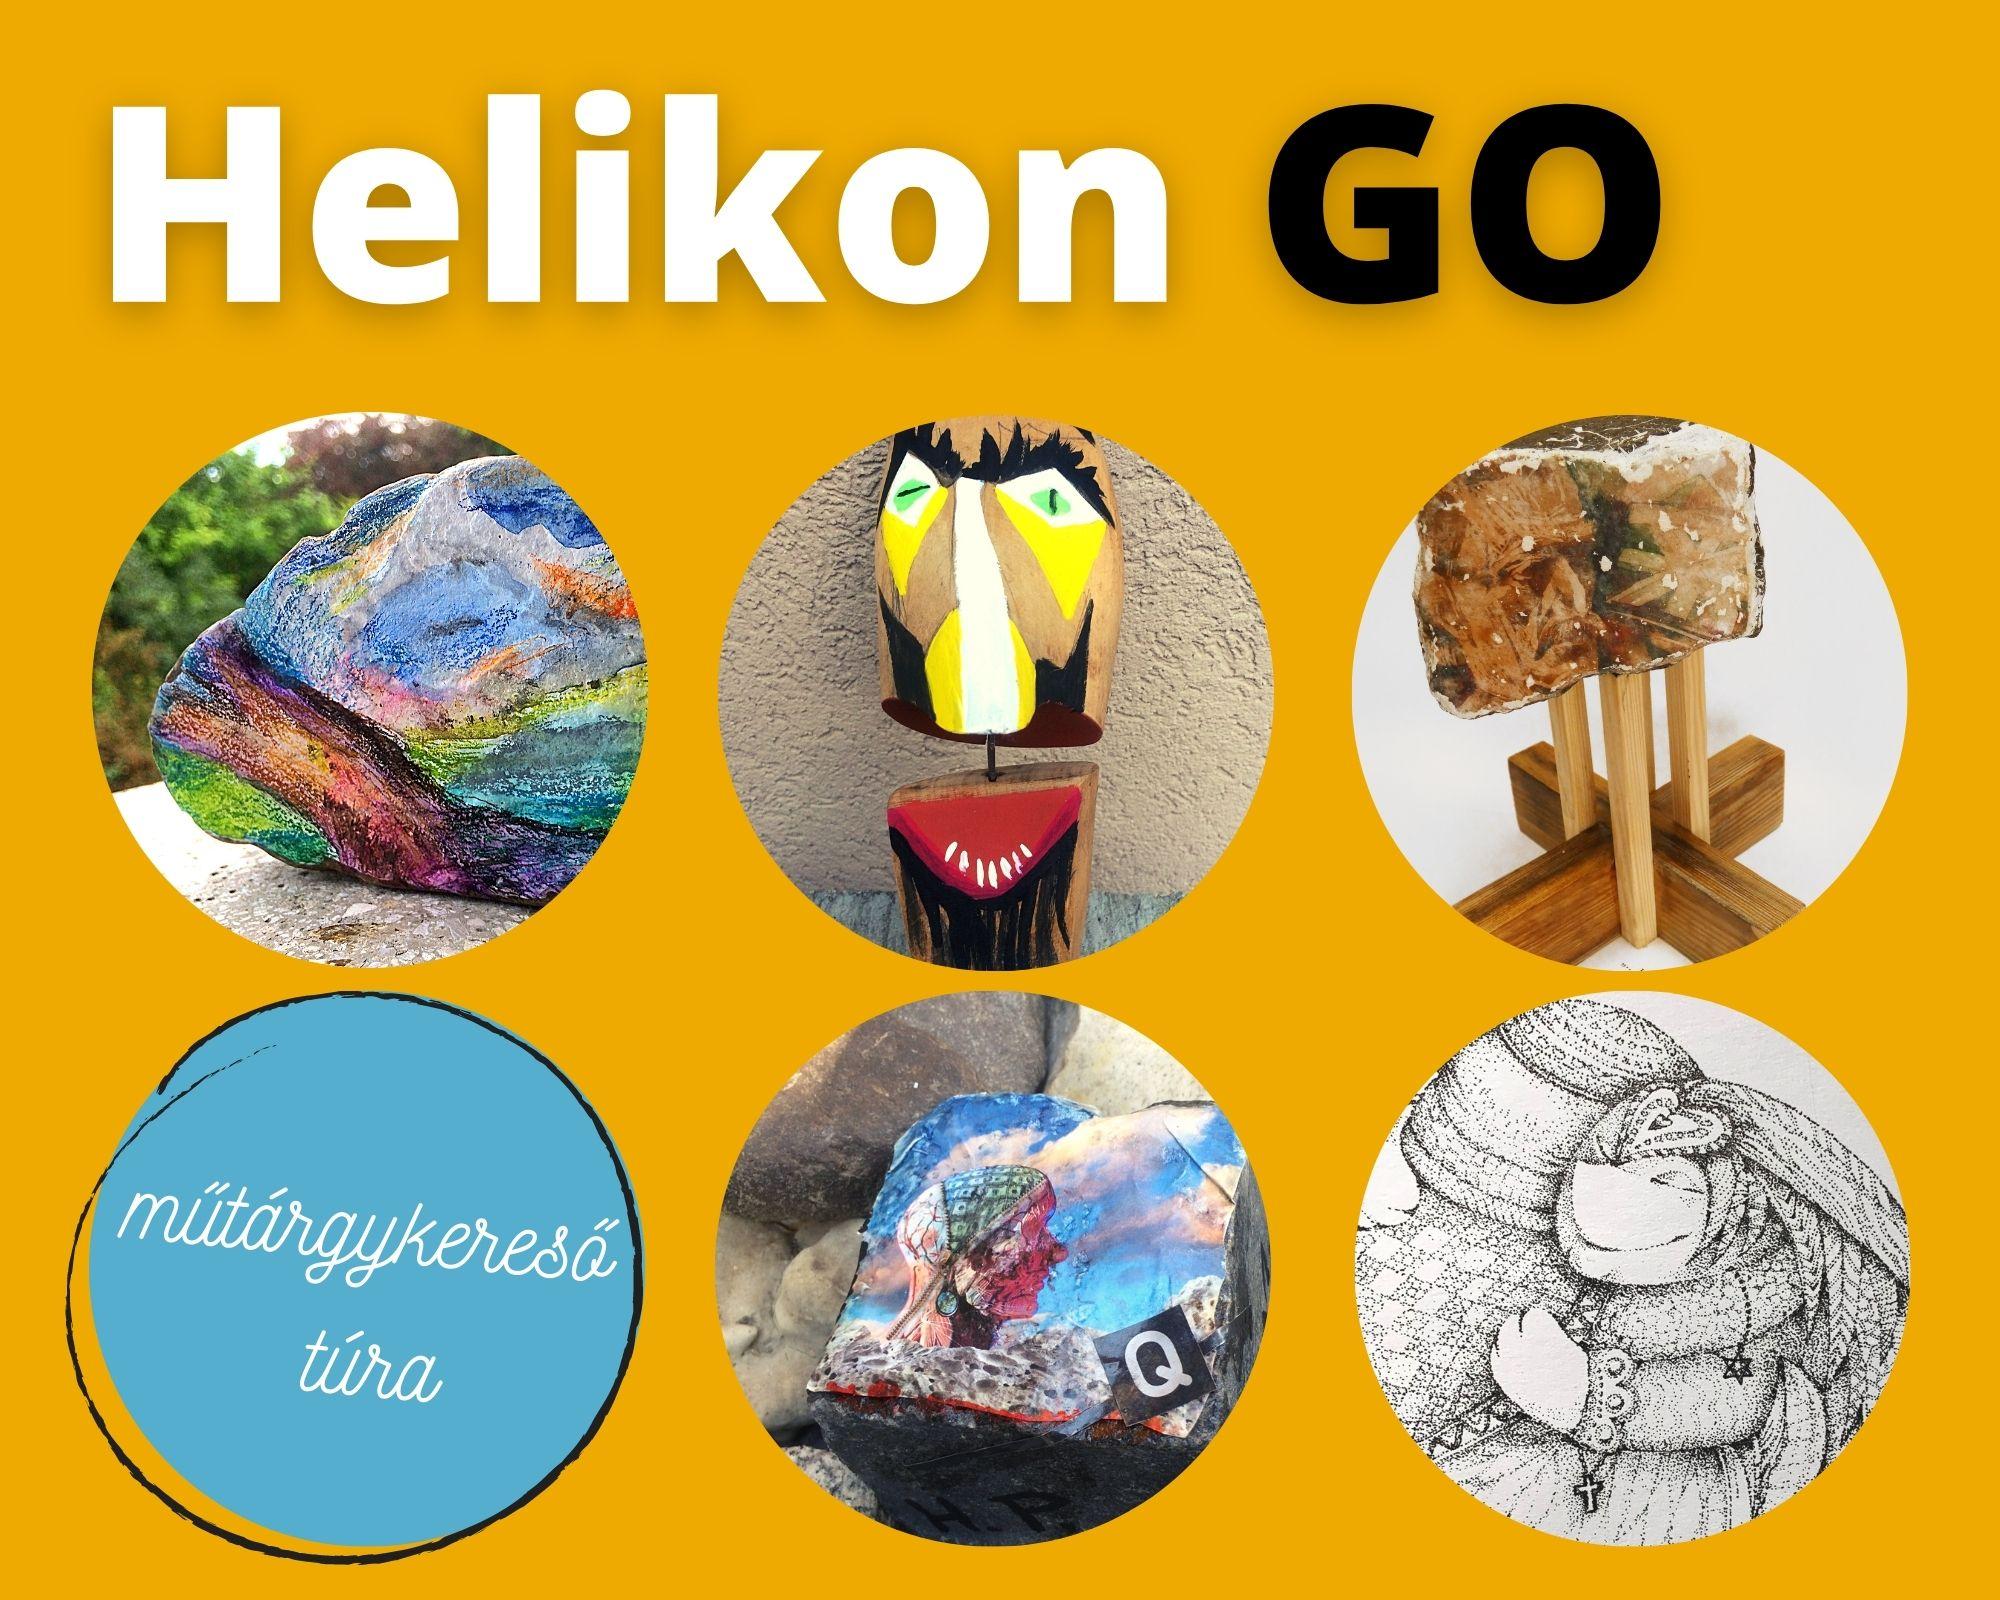 helikon-go